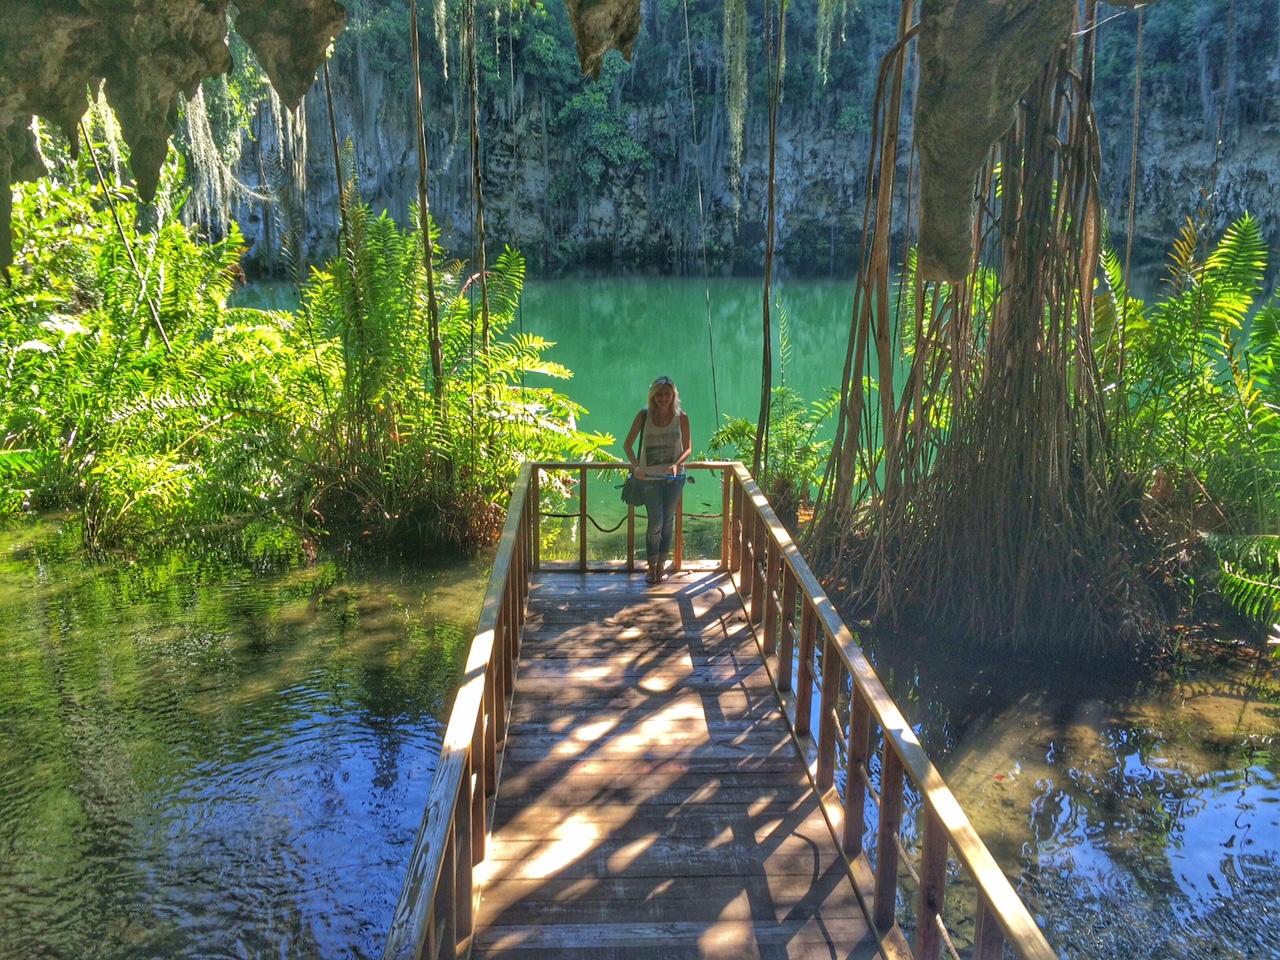 parque los tres ojos cenote - santo domingo - republica dominicana